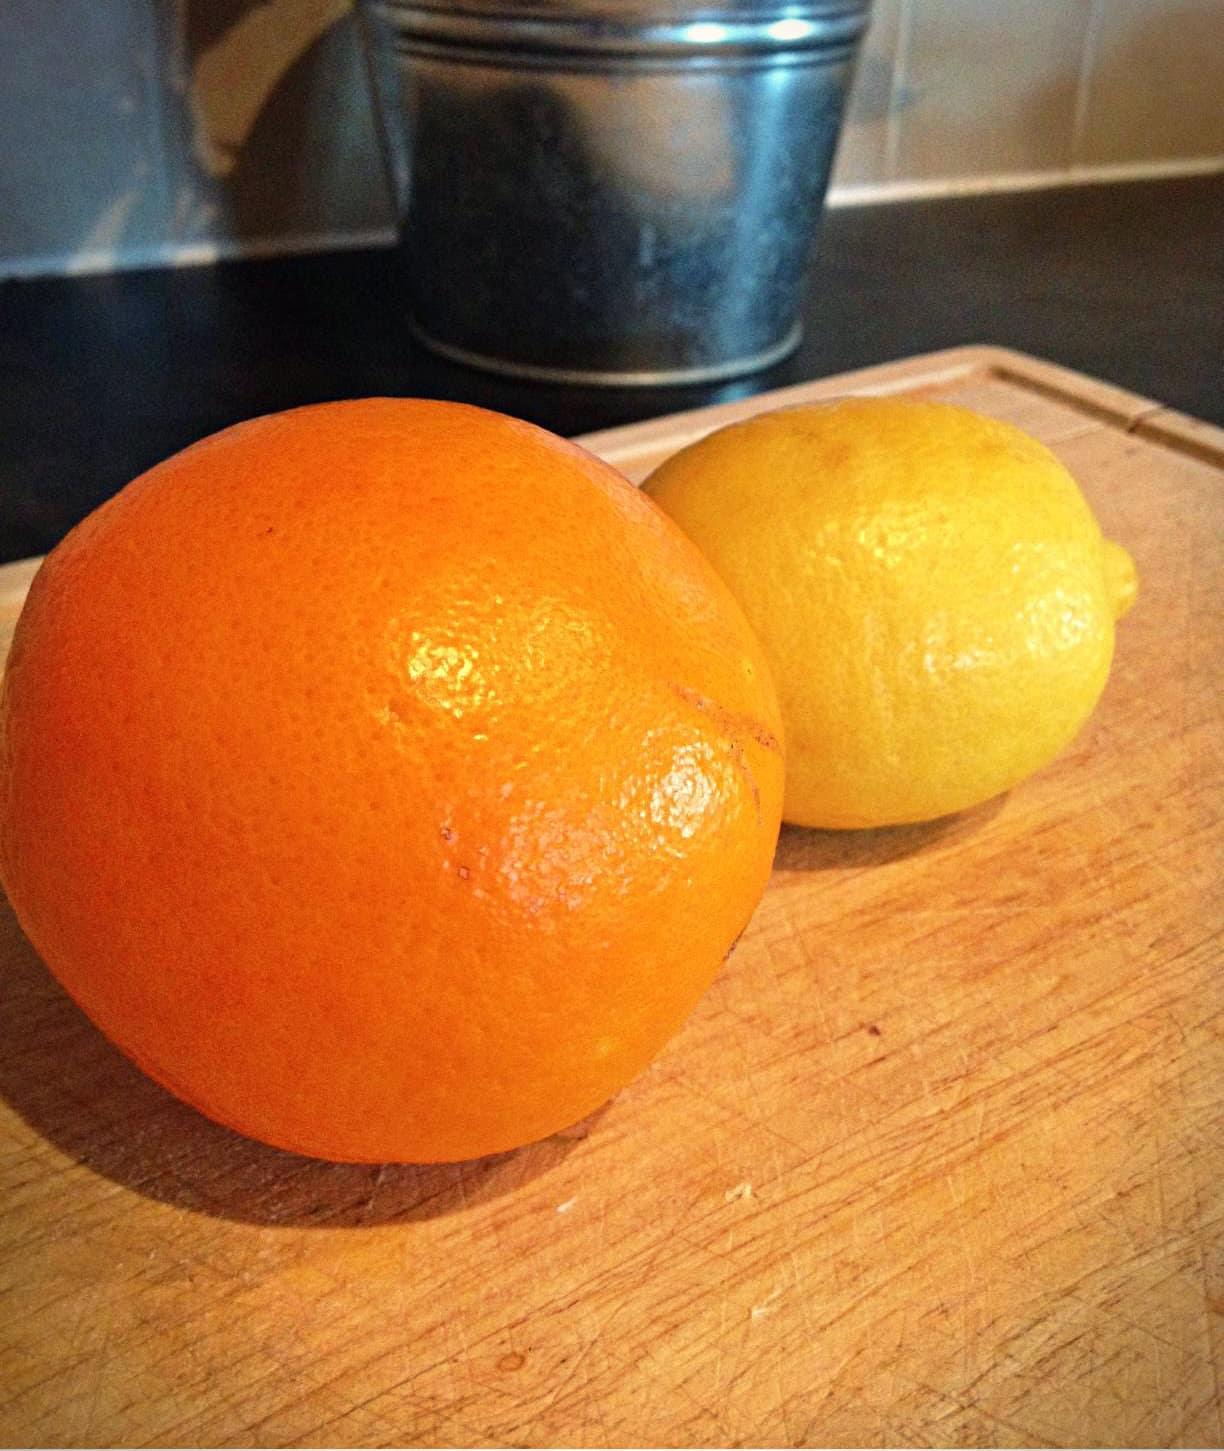 Orange lemon Christmas decoration